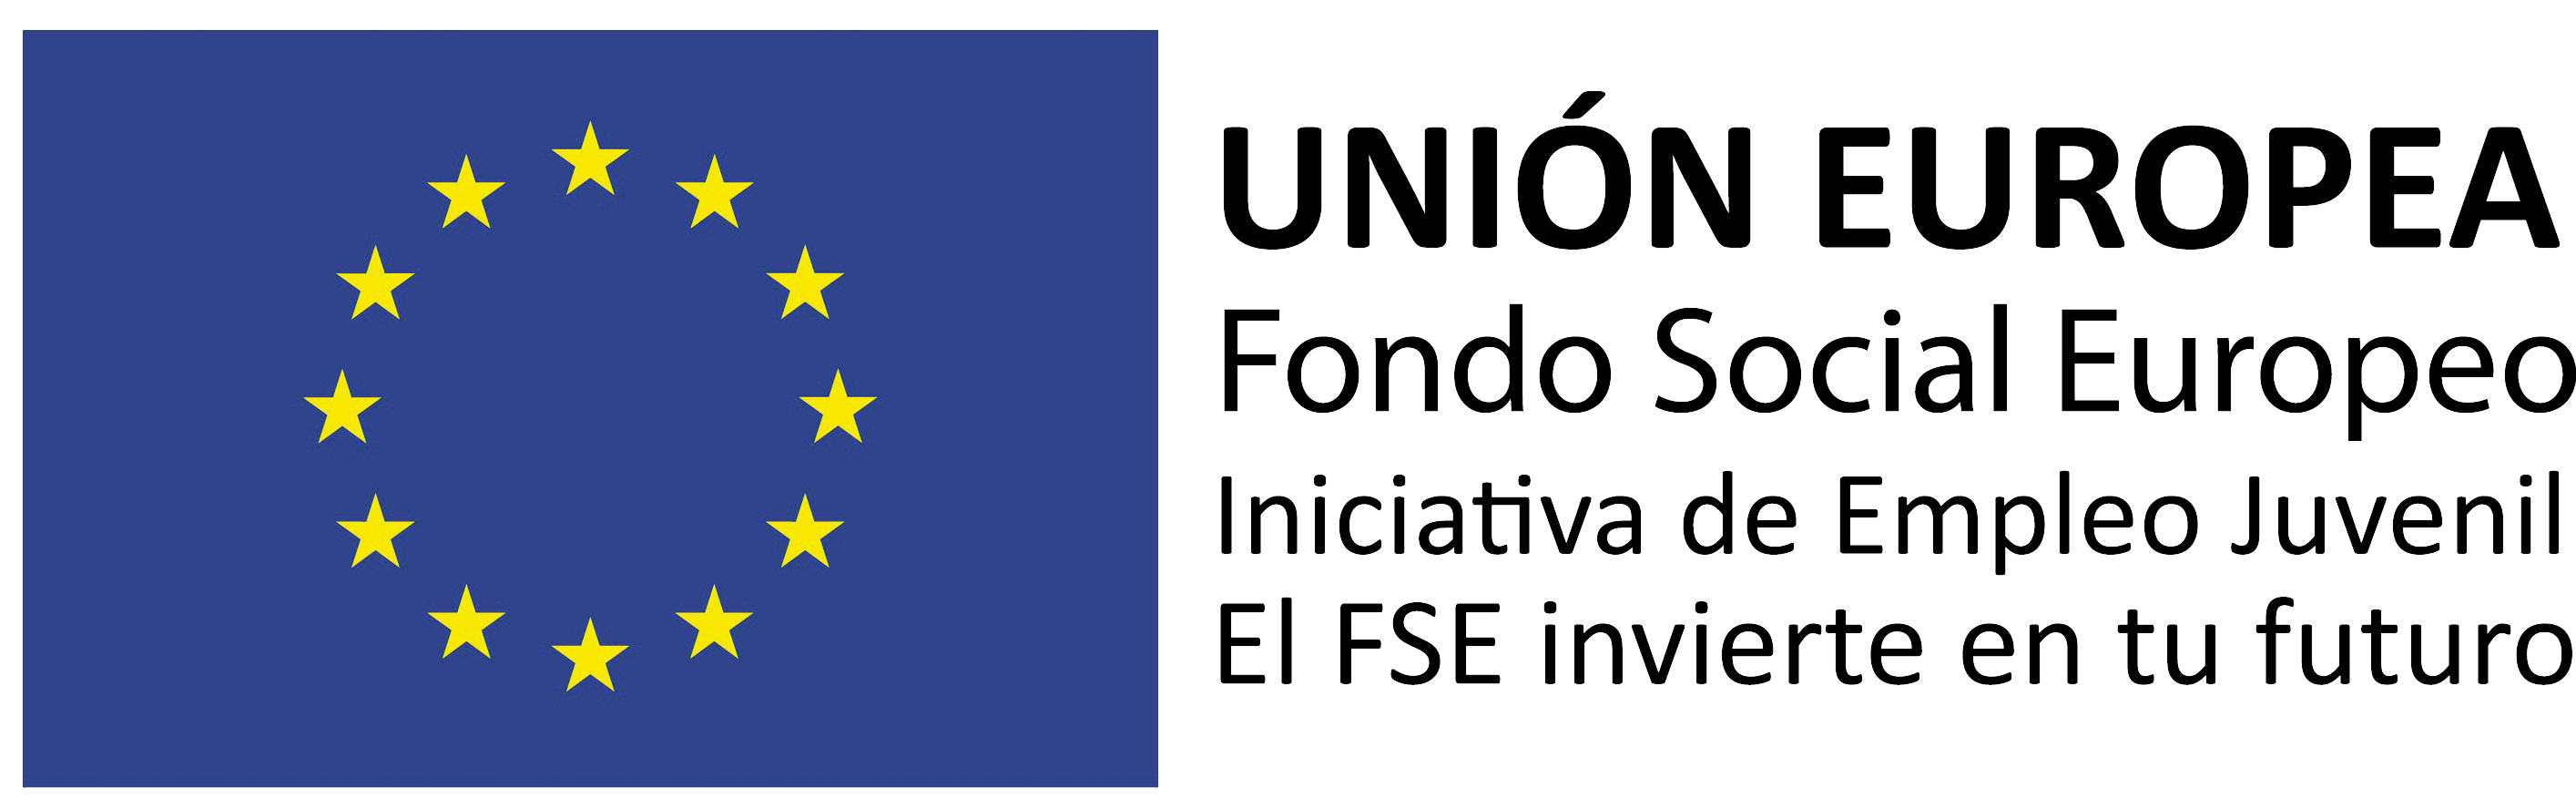 Fondo Social Europeo - Empleo Juvenil